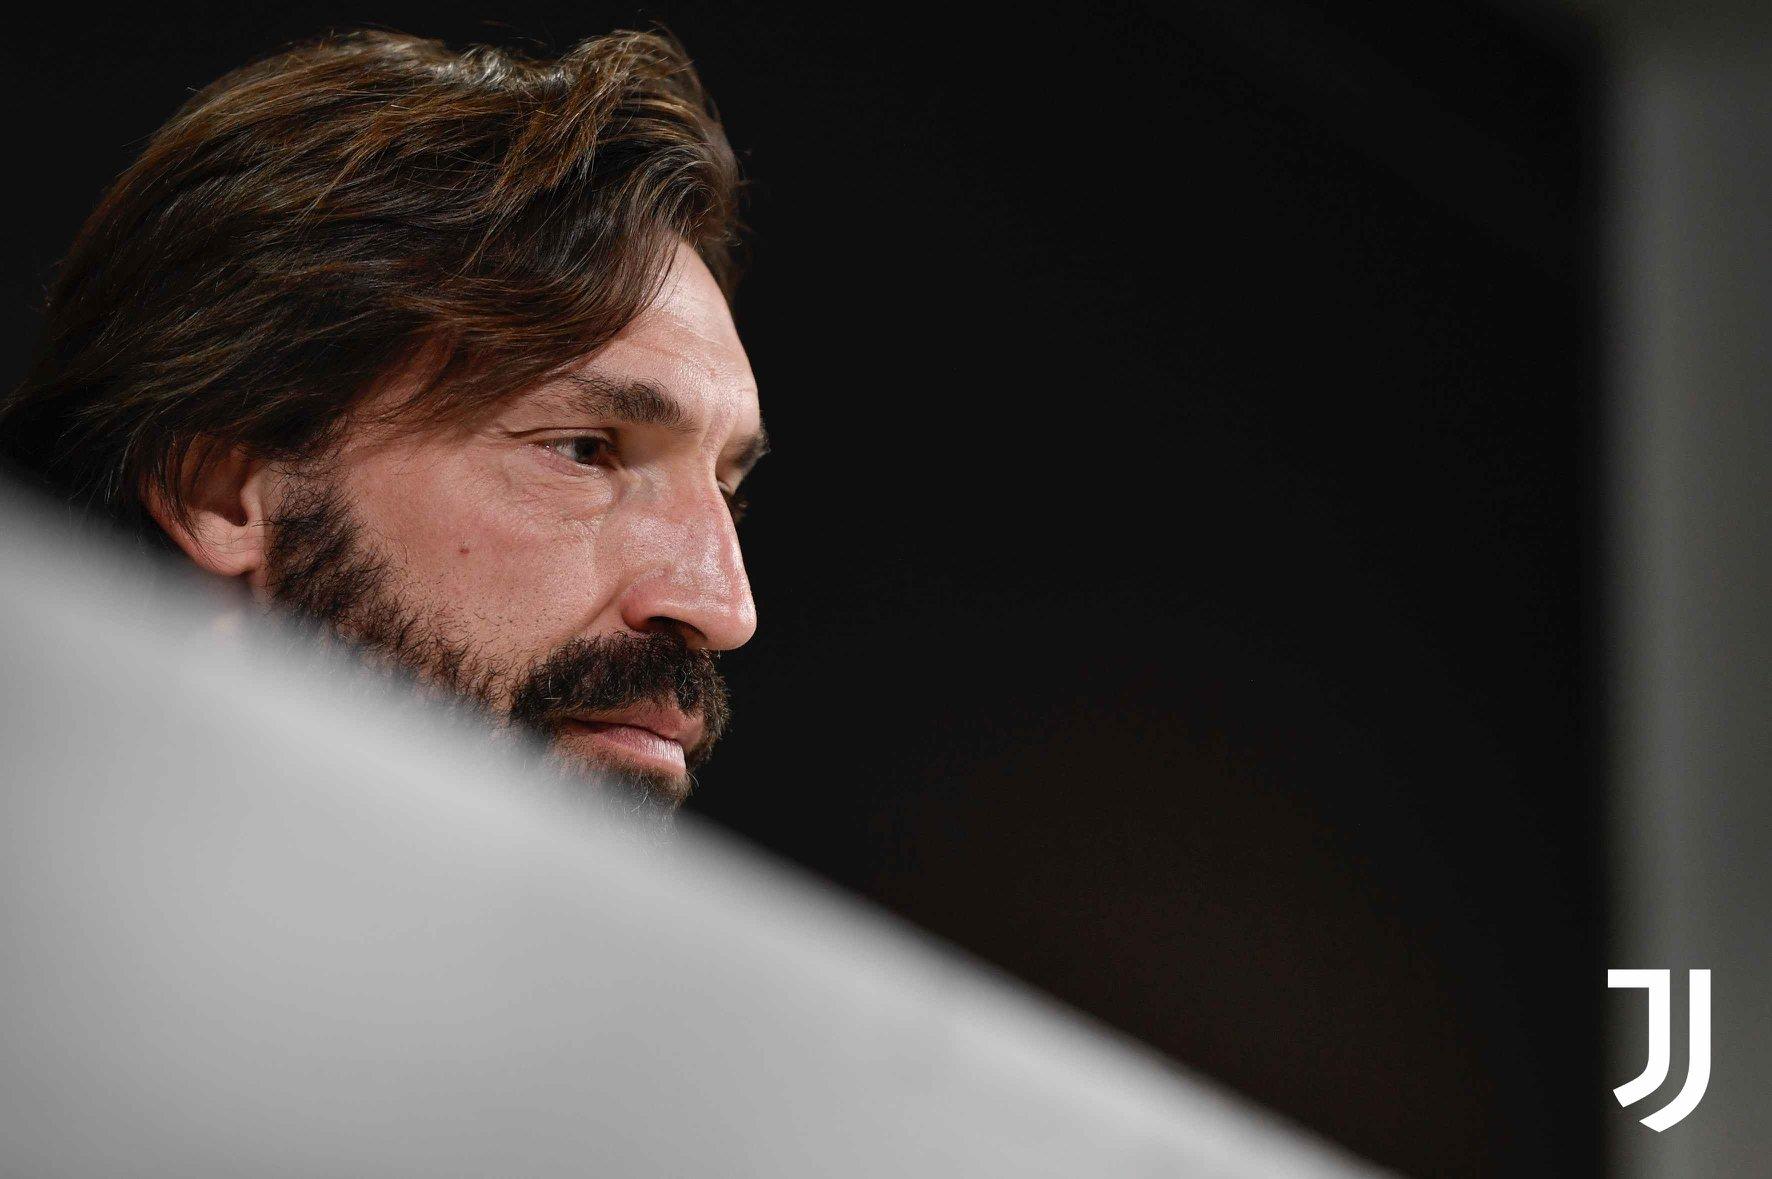 Nuk dorëzohet Pirlo: Juventus vazhdon luftën për titull